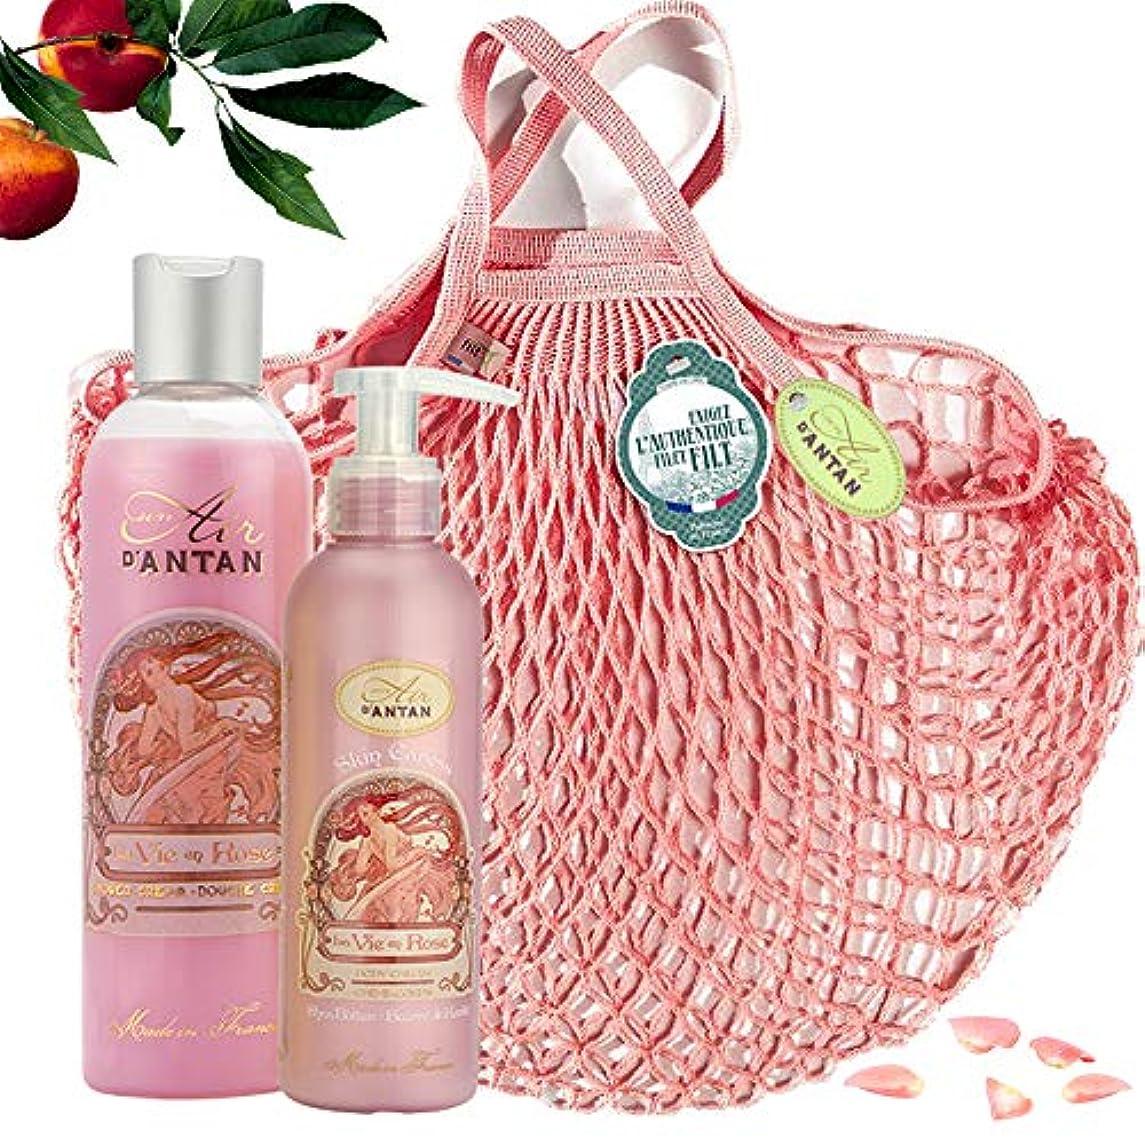 馬鹿家事側ROSE Woman Beauty Set - ロトデュオバス&ネットフィットケア:1シャワージェル250ml、1ボディローションモイスチャライザー200ml - ピンクの香水、ピーチ、パチョリ - 記念日のギフトのアイデア、フランス製